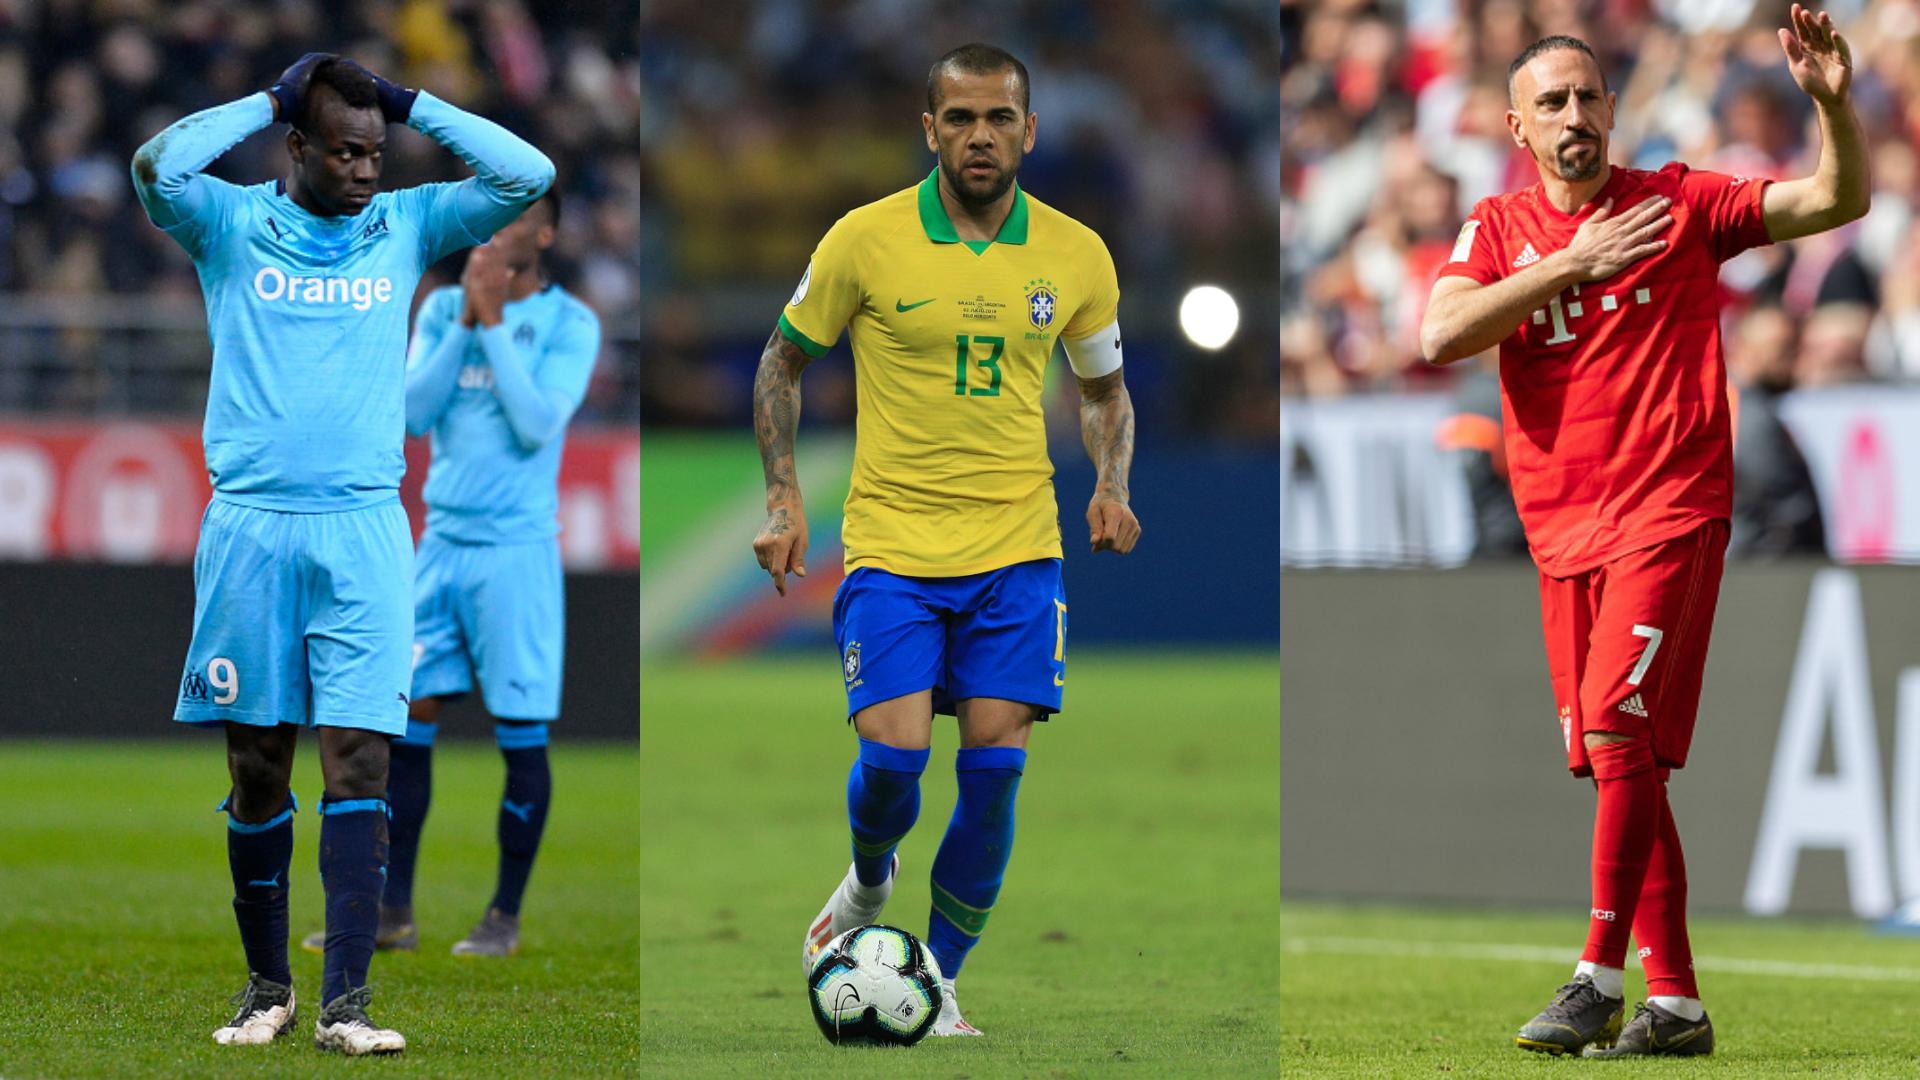 Mercato - Balotelli, Dani Alves, Ribéry... L'équipe-type des joueurs toujours sans contrat